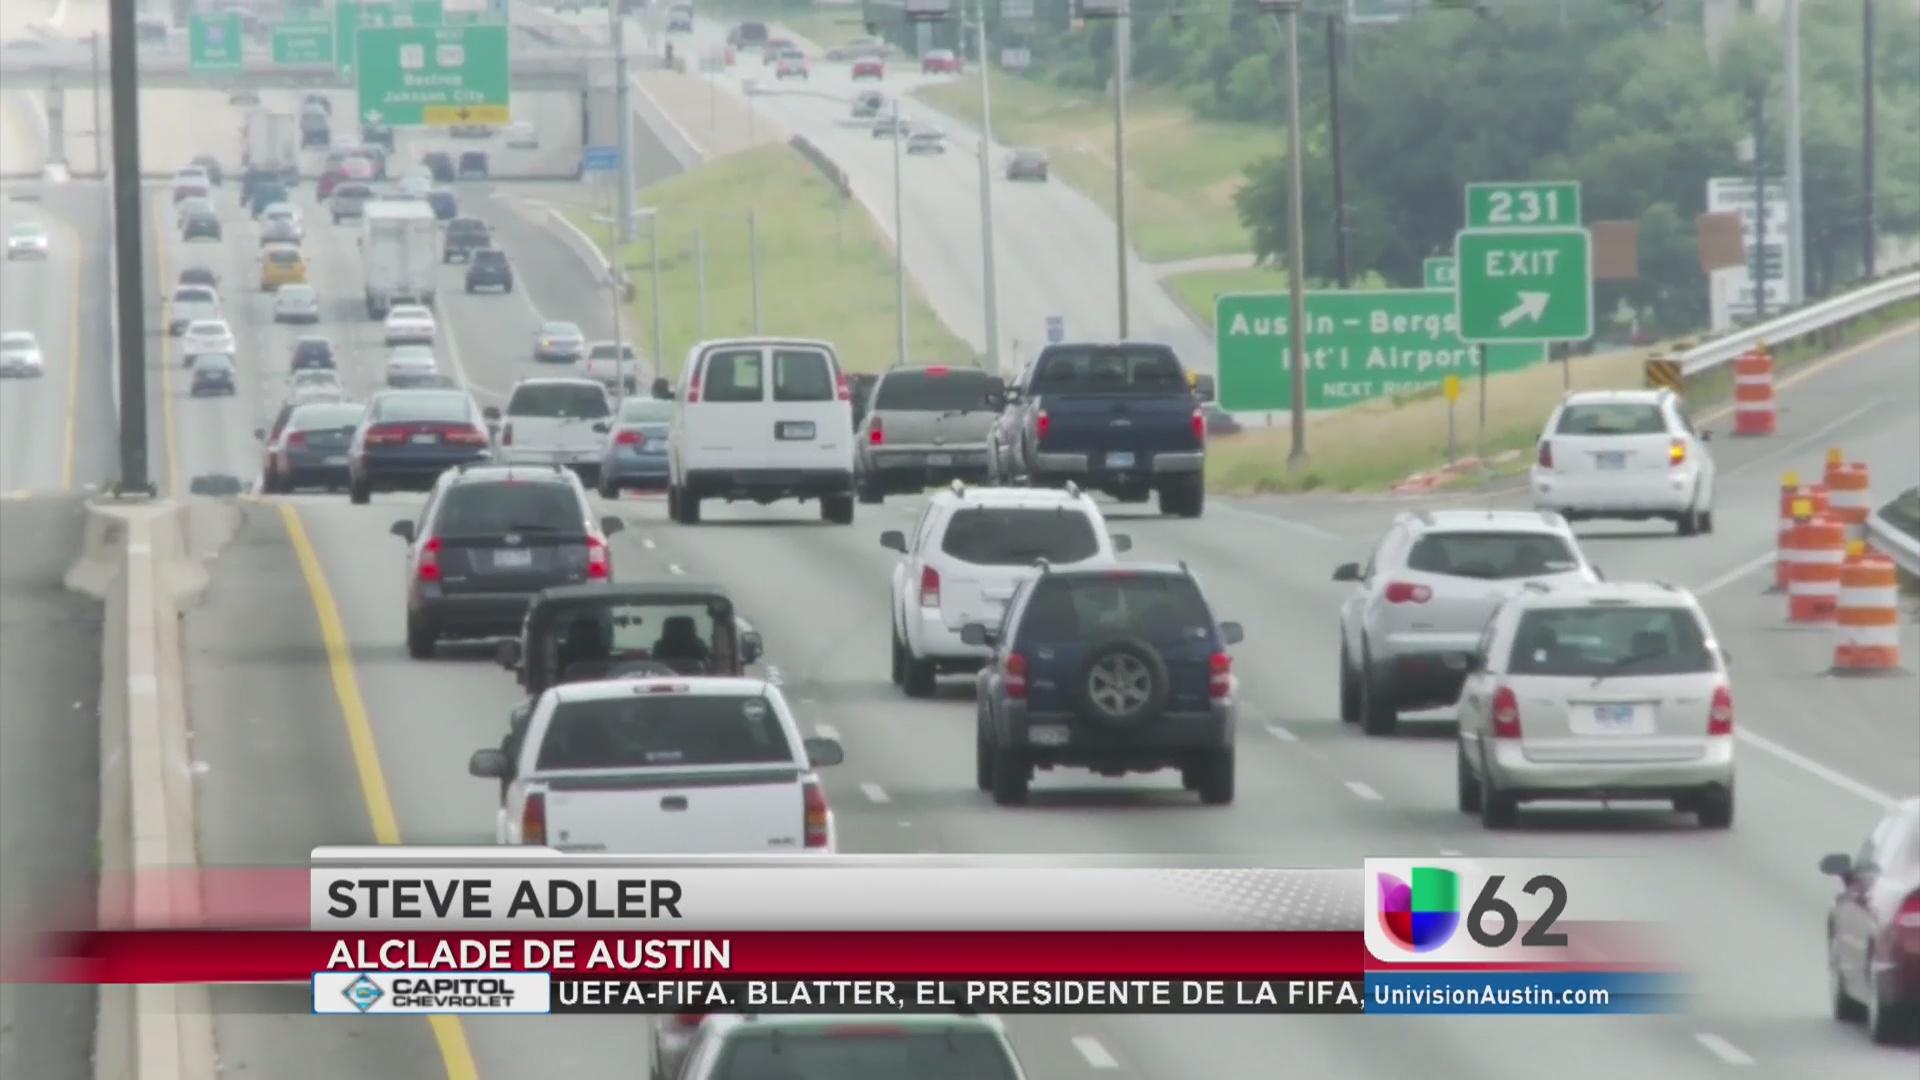 Líderes de Austin discuten cómo solucionar la congestión vial